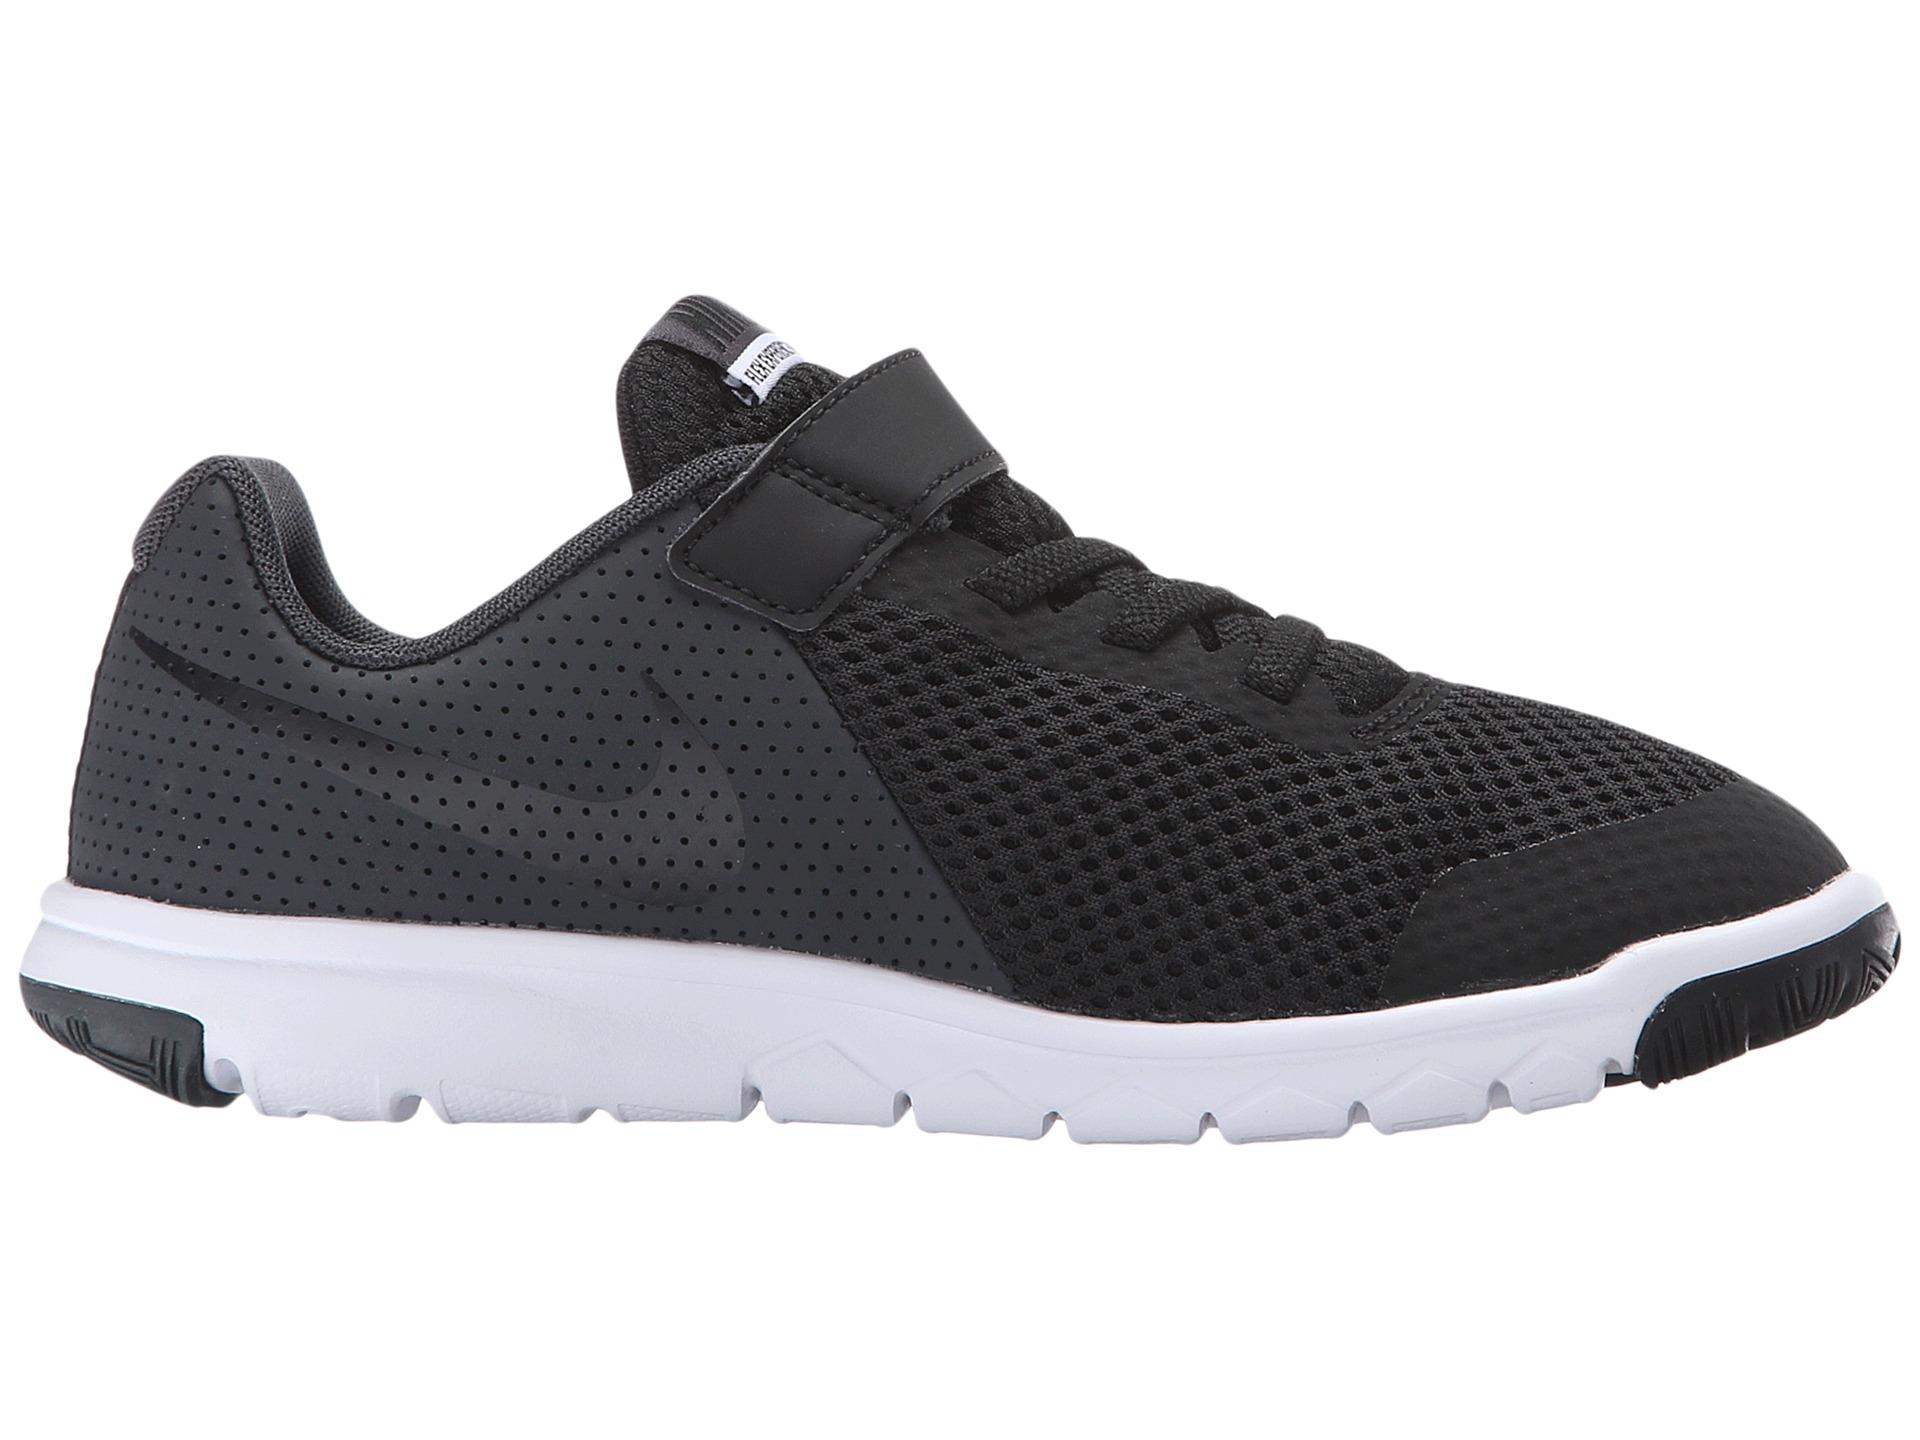 Nike Flex Experience Black Kids Sneakers - Cladem